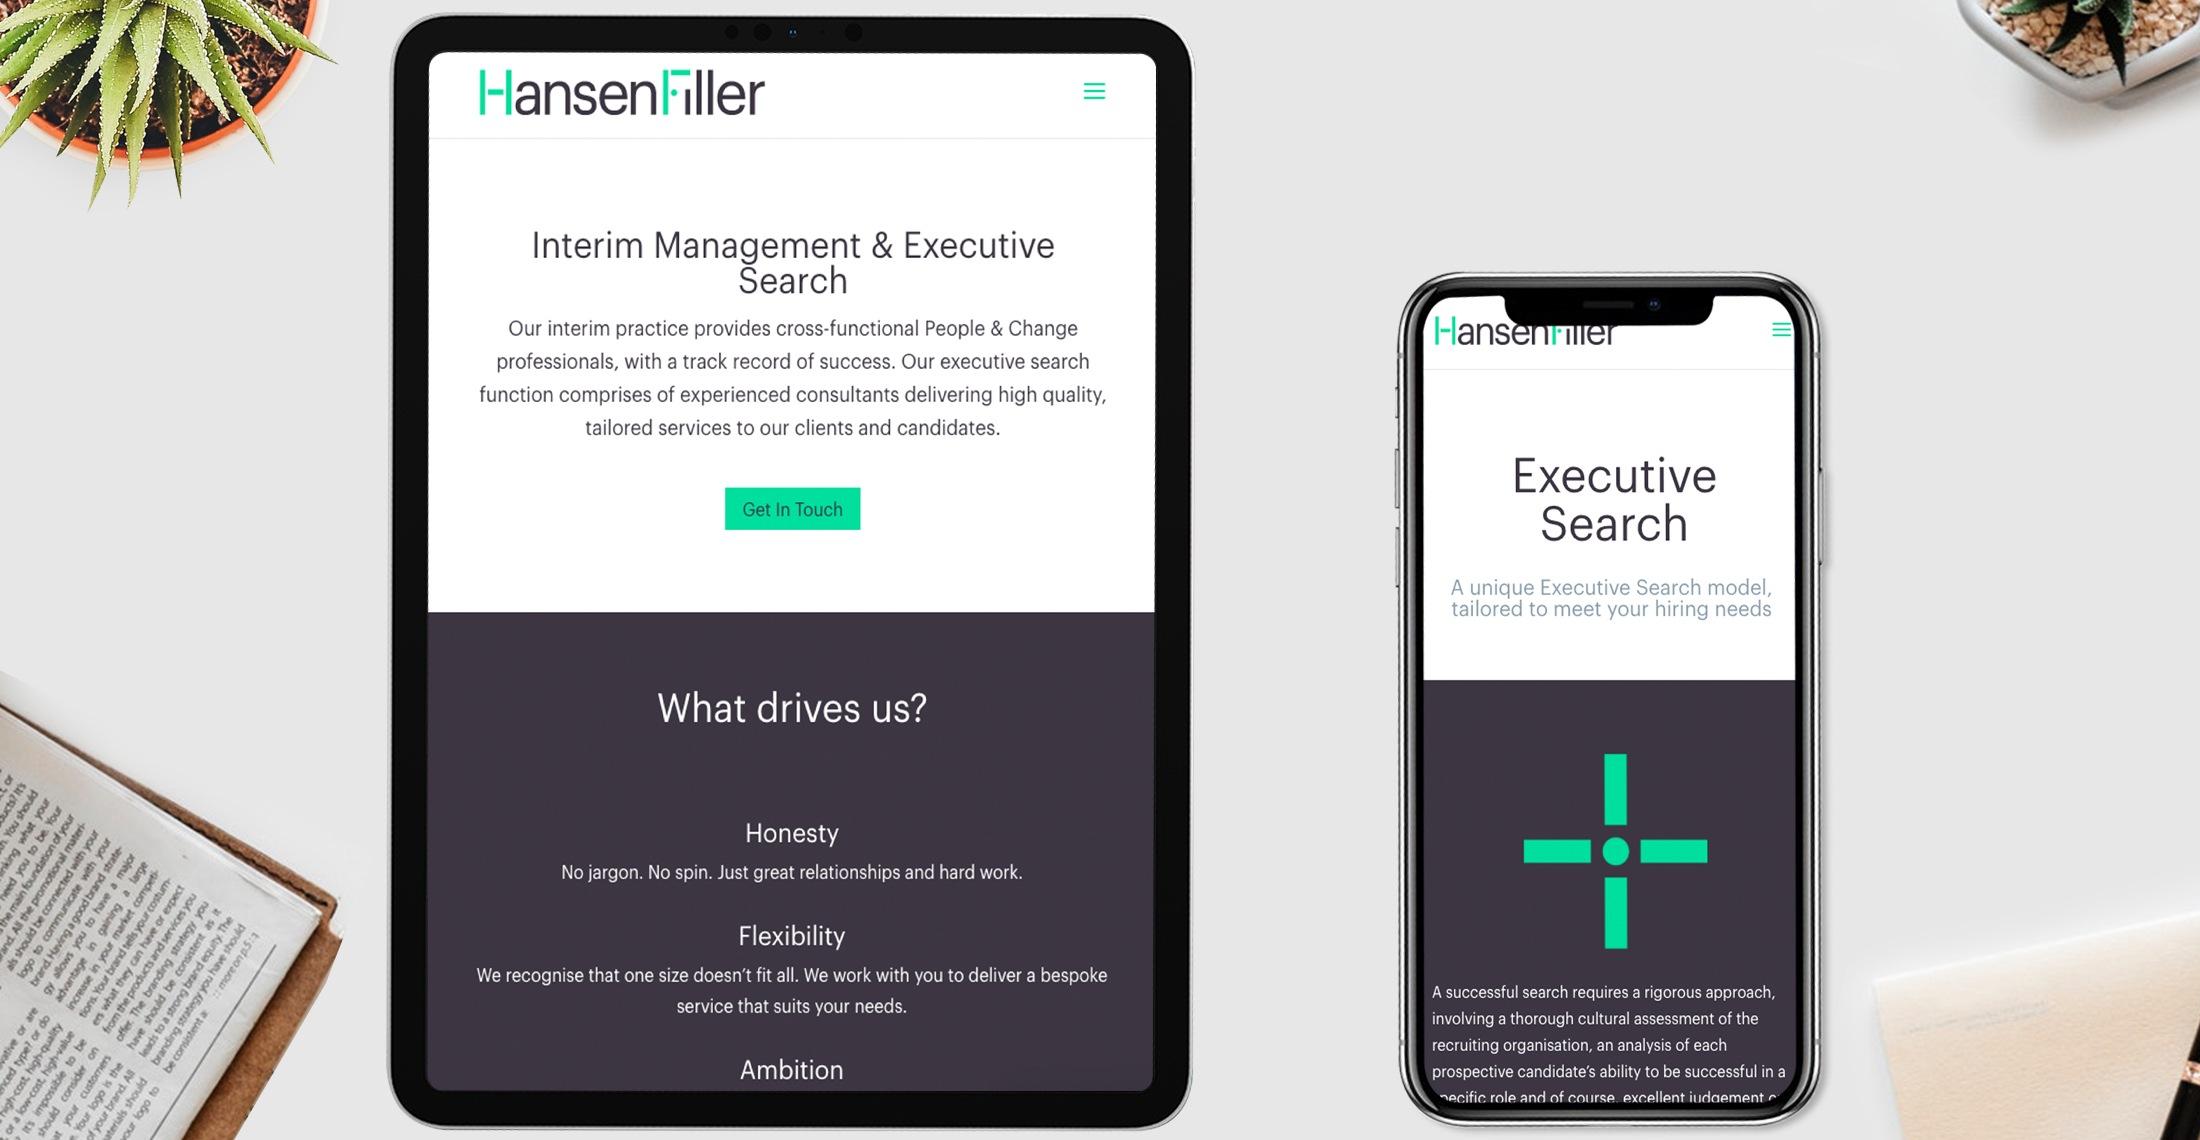 Hansen Filler digital marketing